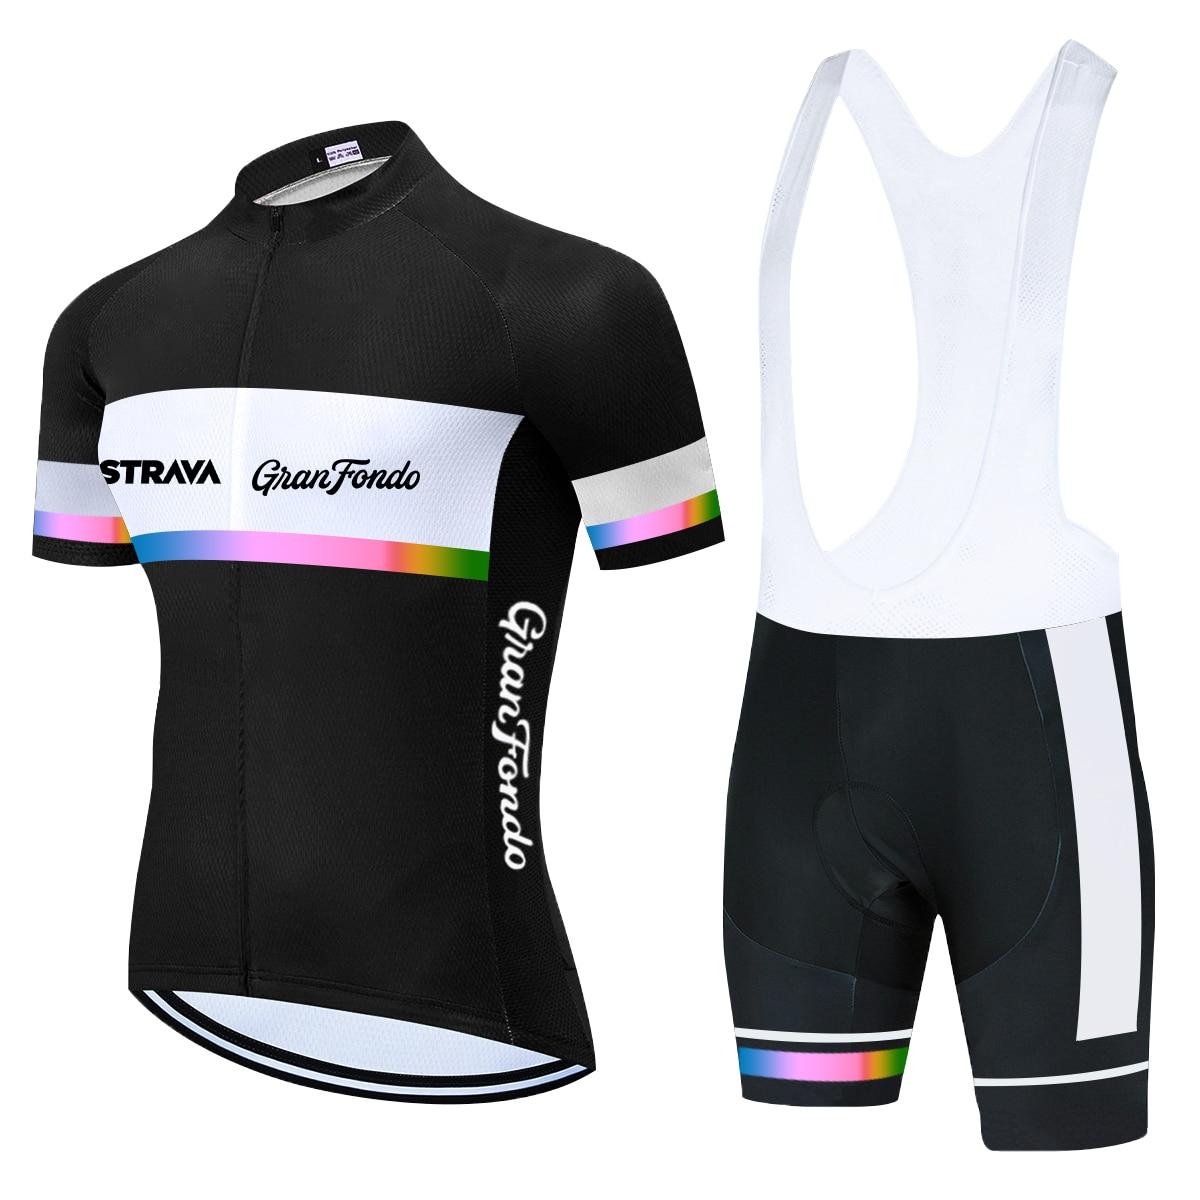 Трикотажный комплект для велоспорта STRAVA, дышащая одежда для велоспорта, одежда для велоспорта с коротким рукавом, 2021